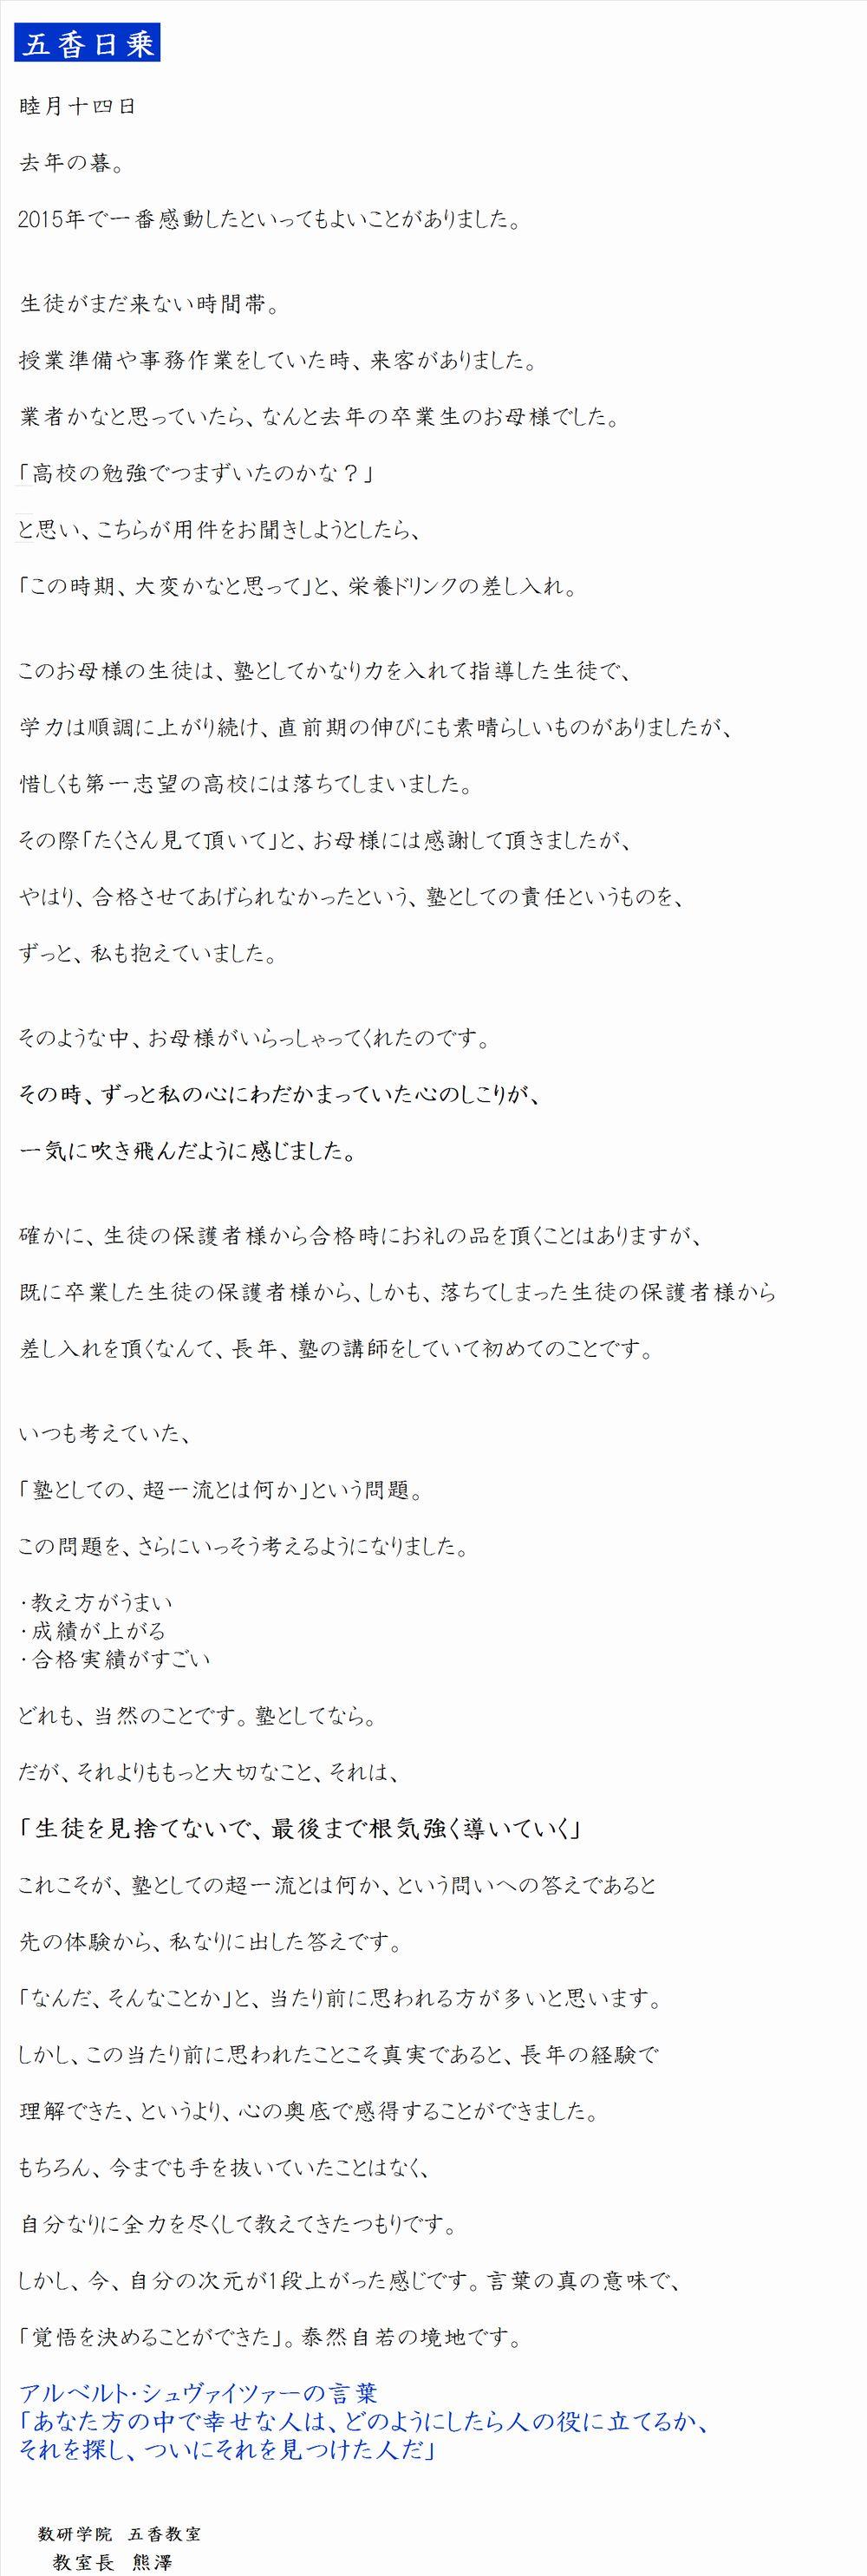 日乗2016.1.14